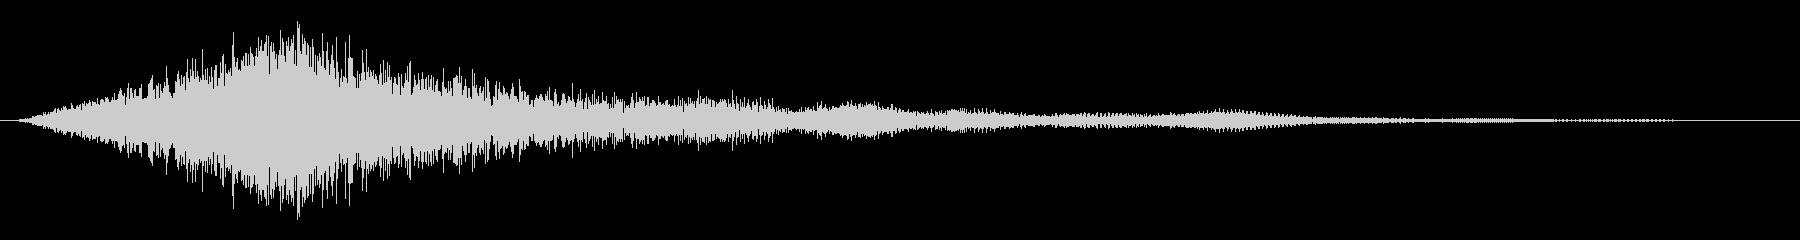 緊張 上昇衝撃低弦01の未再生の波形